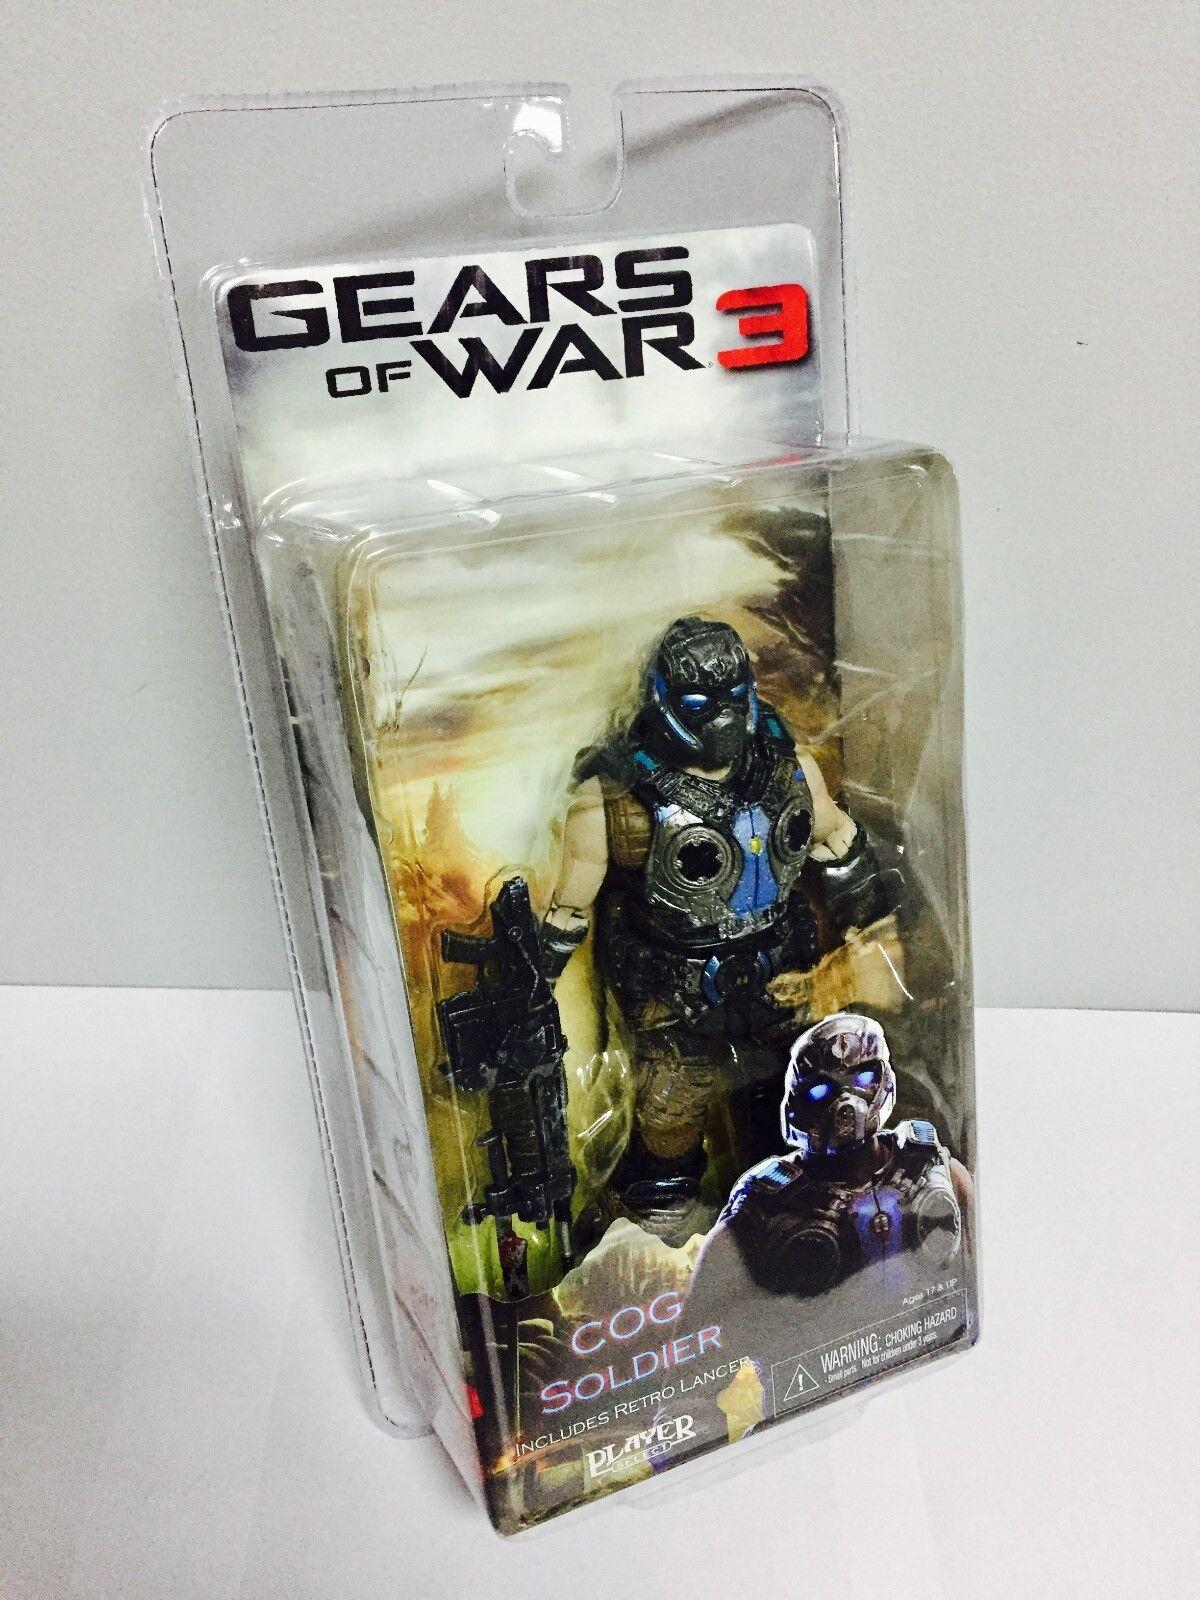 NECA GEARS OF WAR 3 (SERIES 3) COG SOLDIER 7  inch ACTION FIGURE 2012